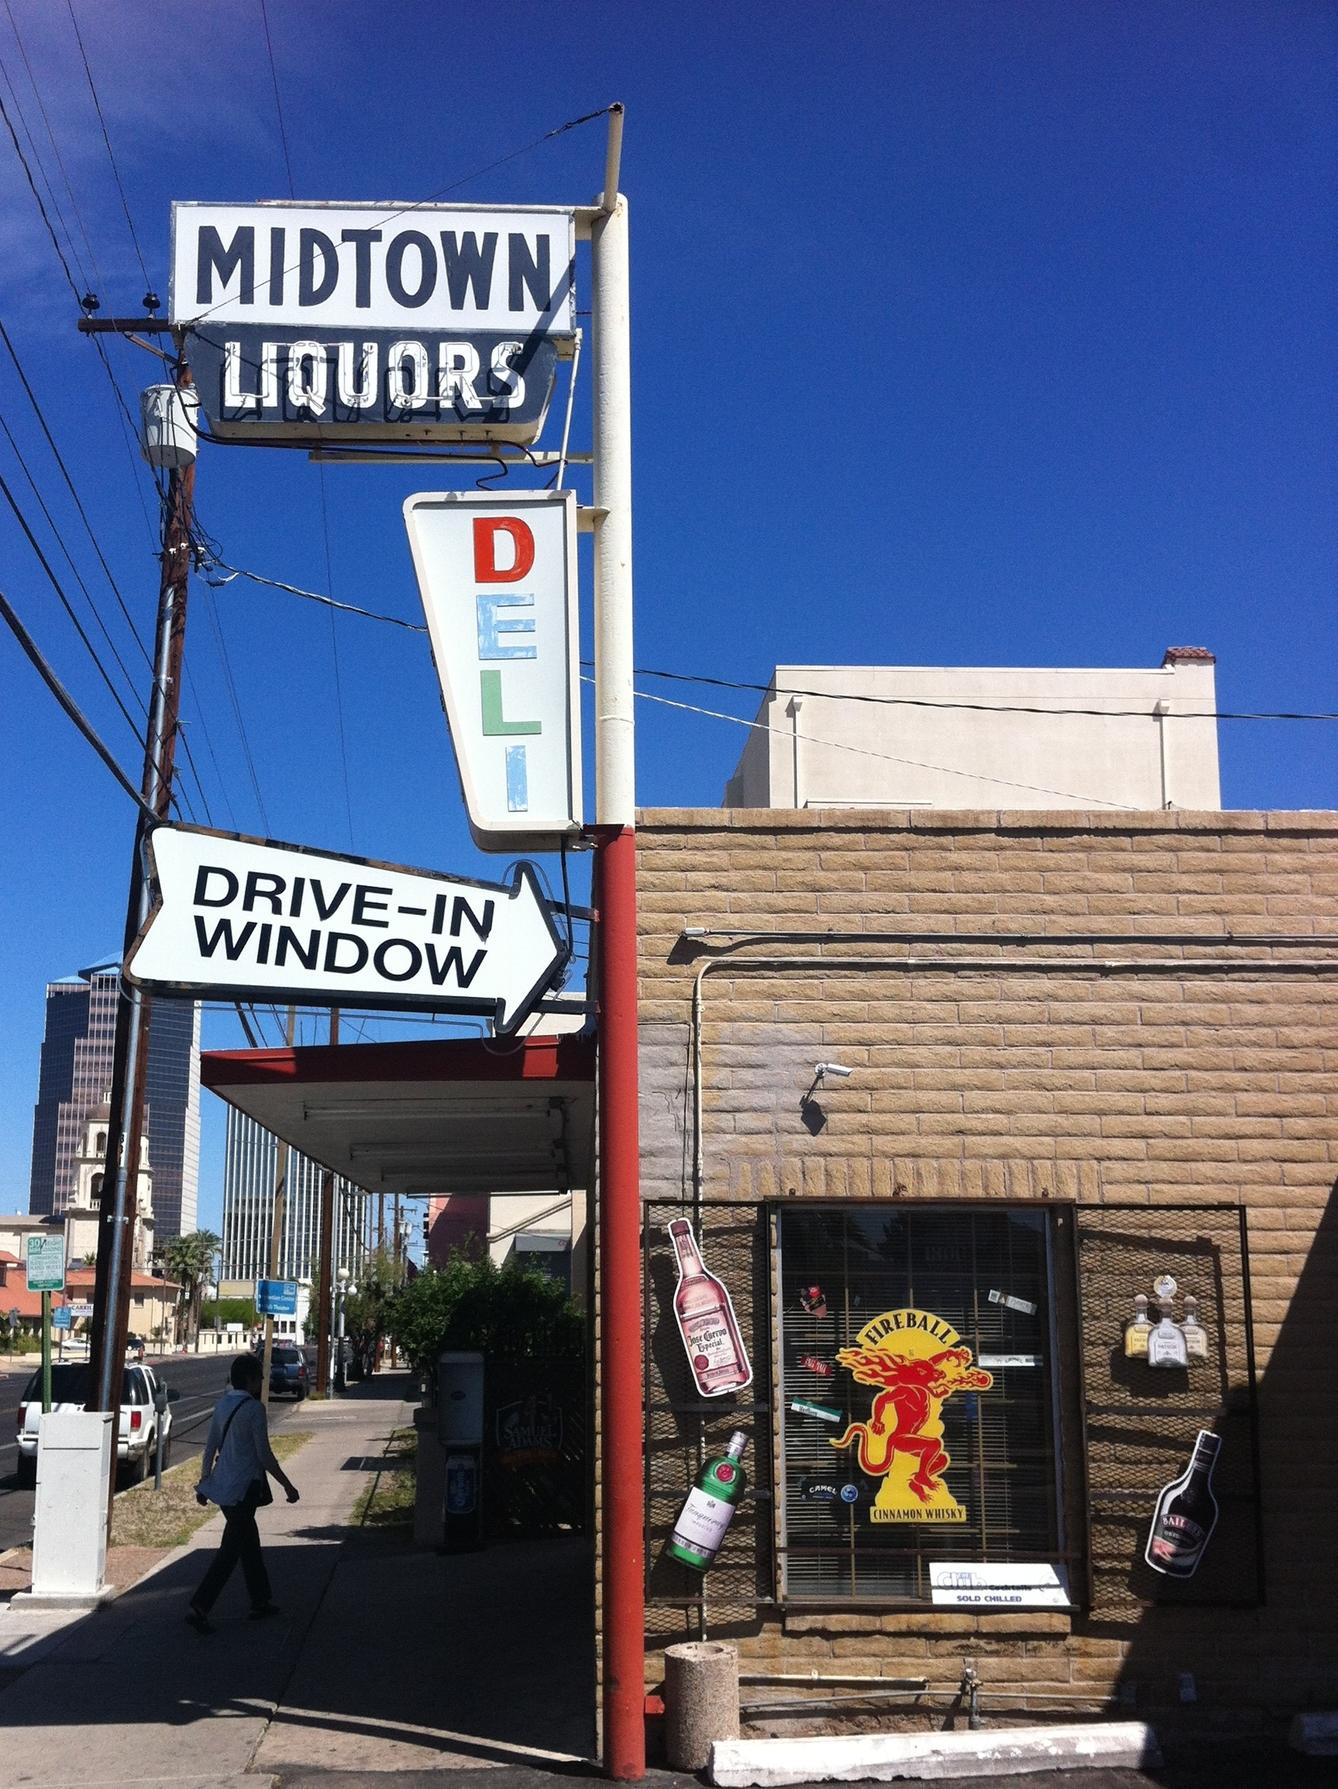 Gotta love a drive in liquor store deli.